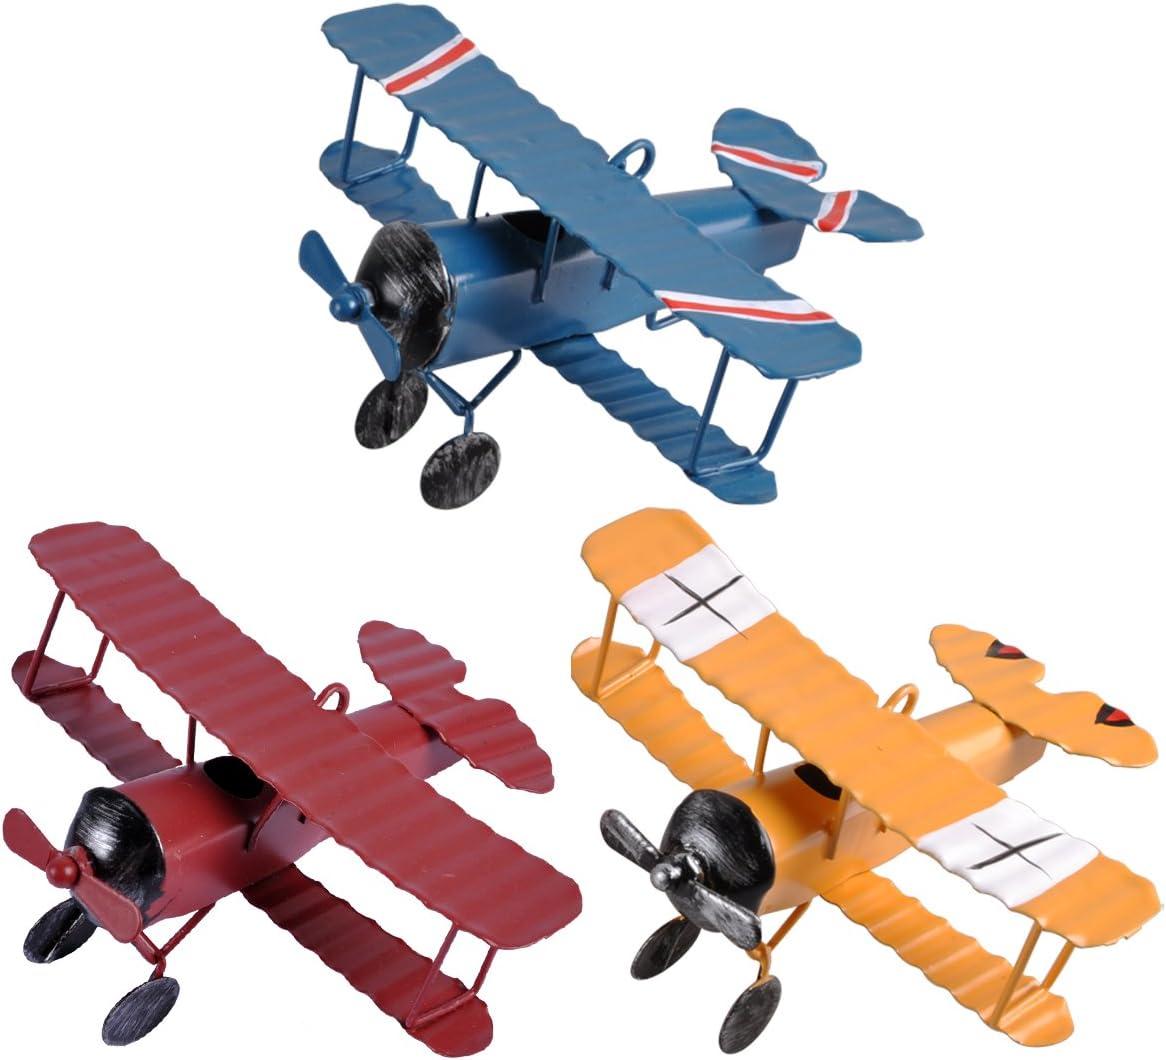 eZAKKA Avionetas de Metal modelo retro, Juguete de Aeronave decorativo para el hogar, 3unid